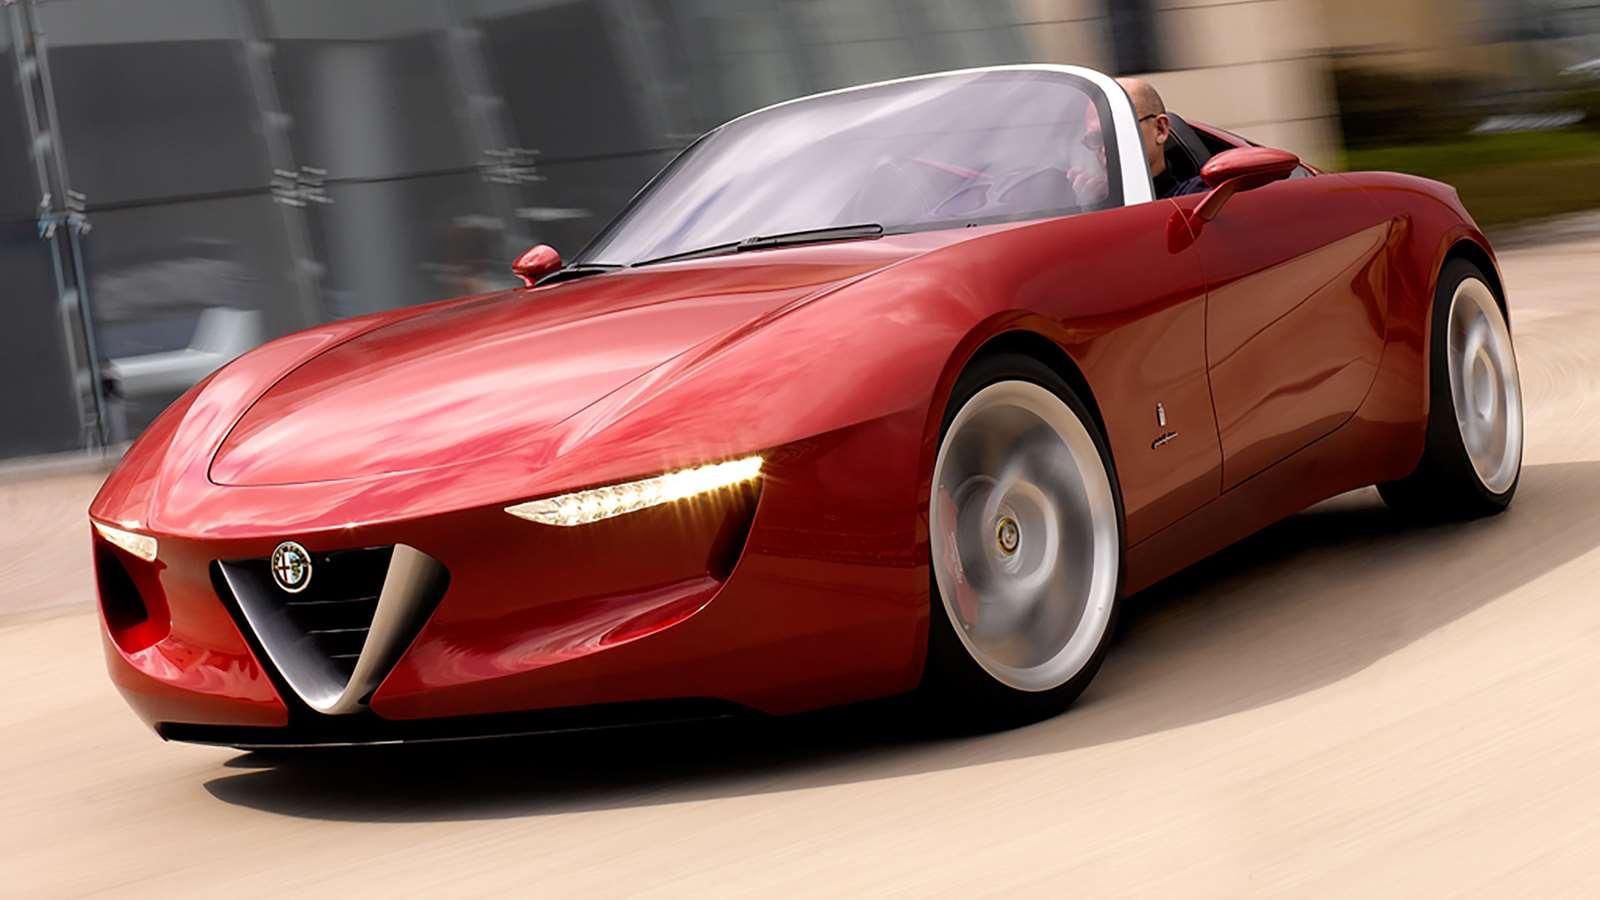 2020 Alfa Romeo Duetto Review